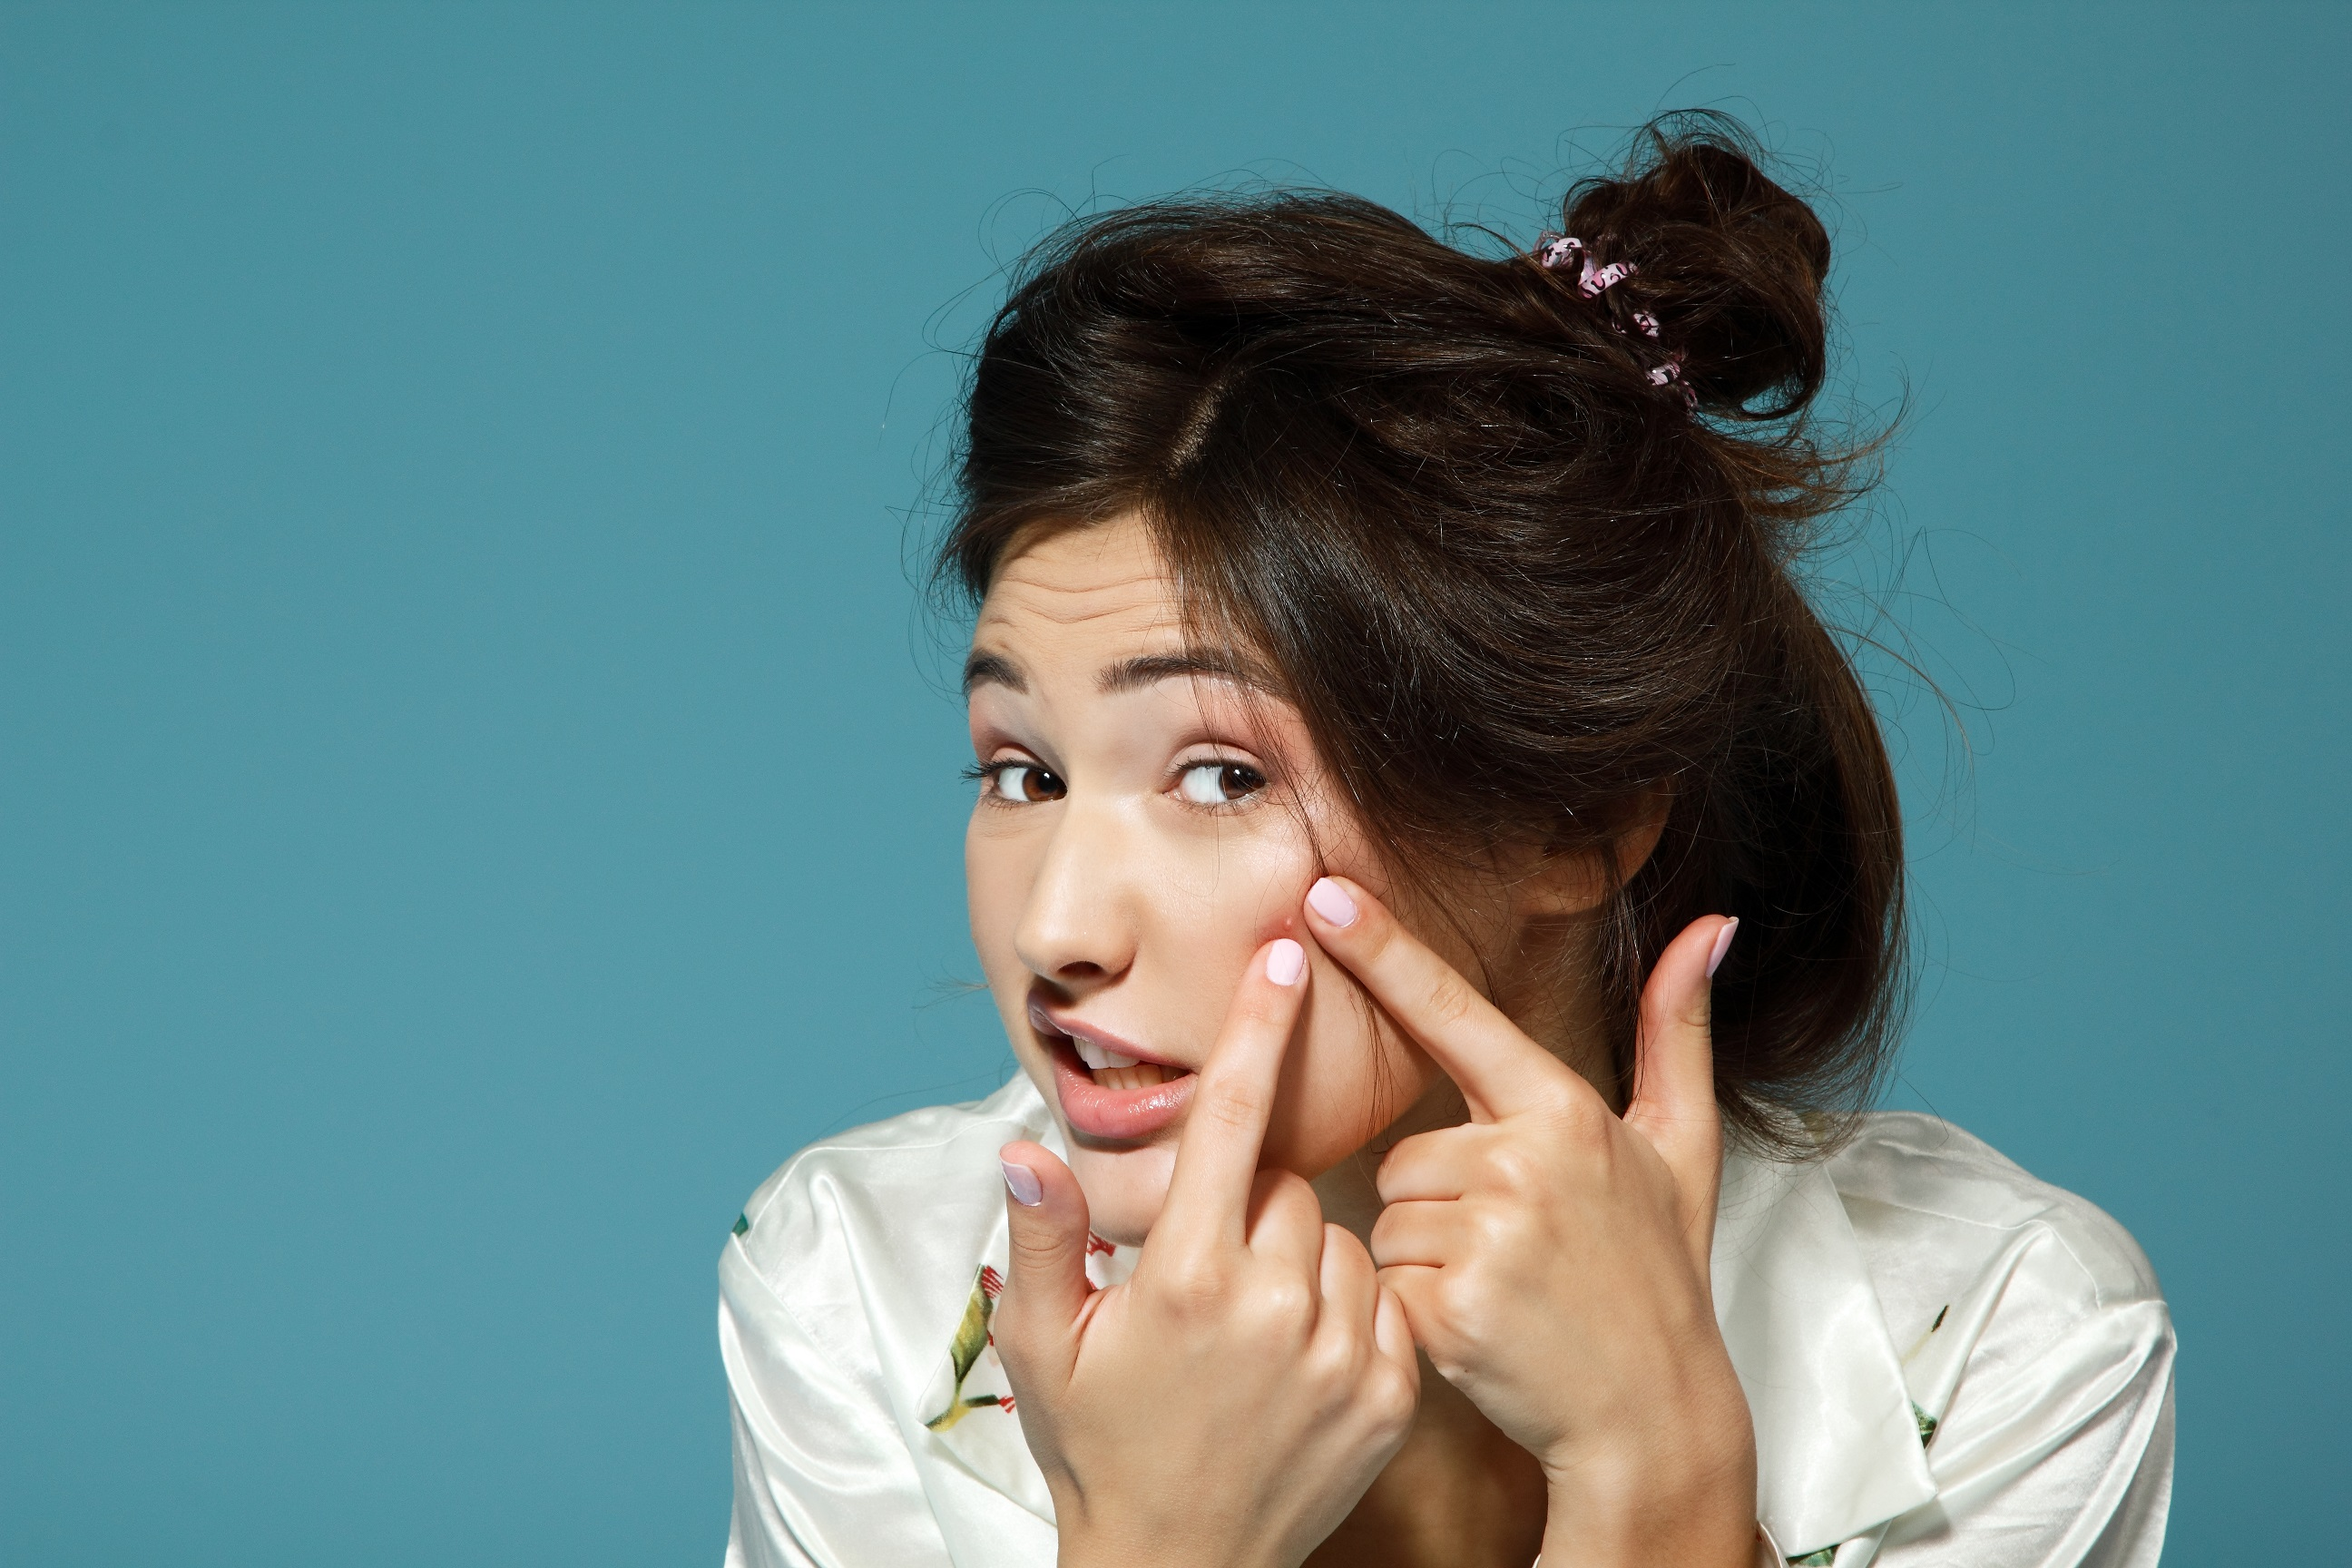 Remedii rapide pentru ameliorarea acneei: de ce apare si cum luptam impotriva acestei afectiuni